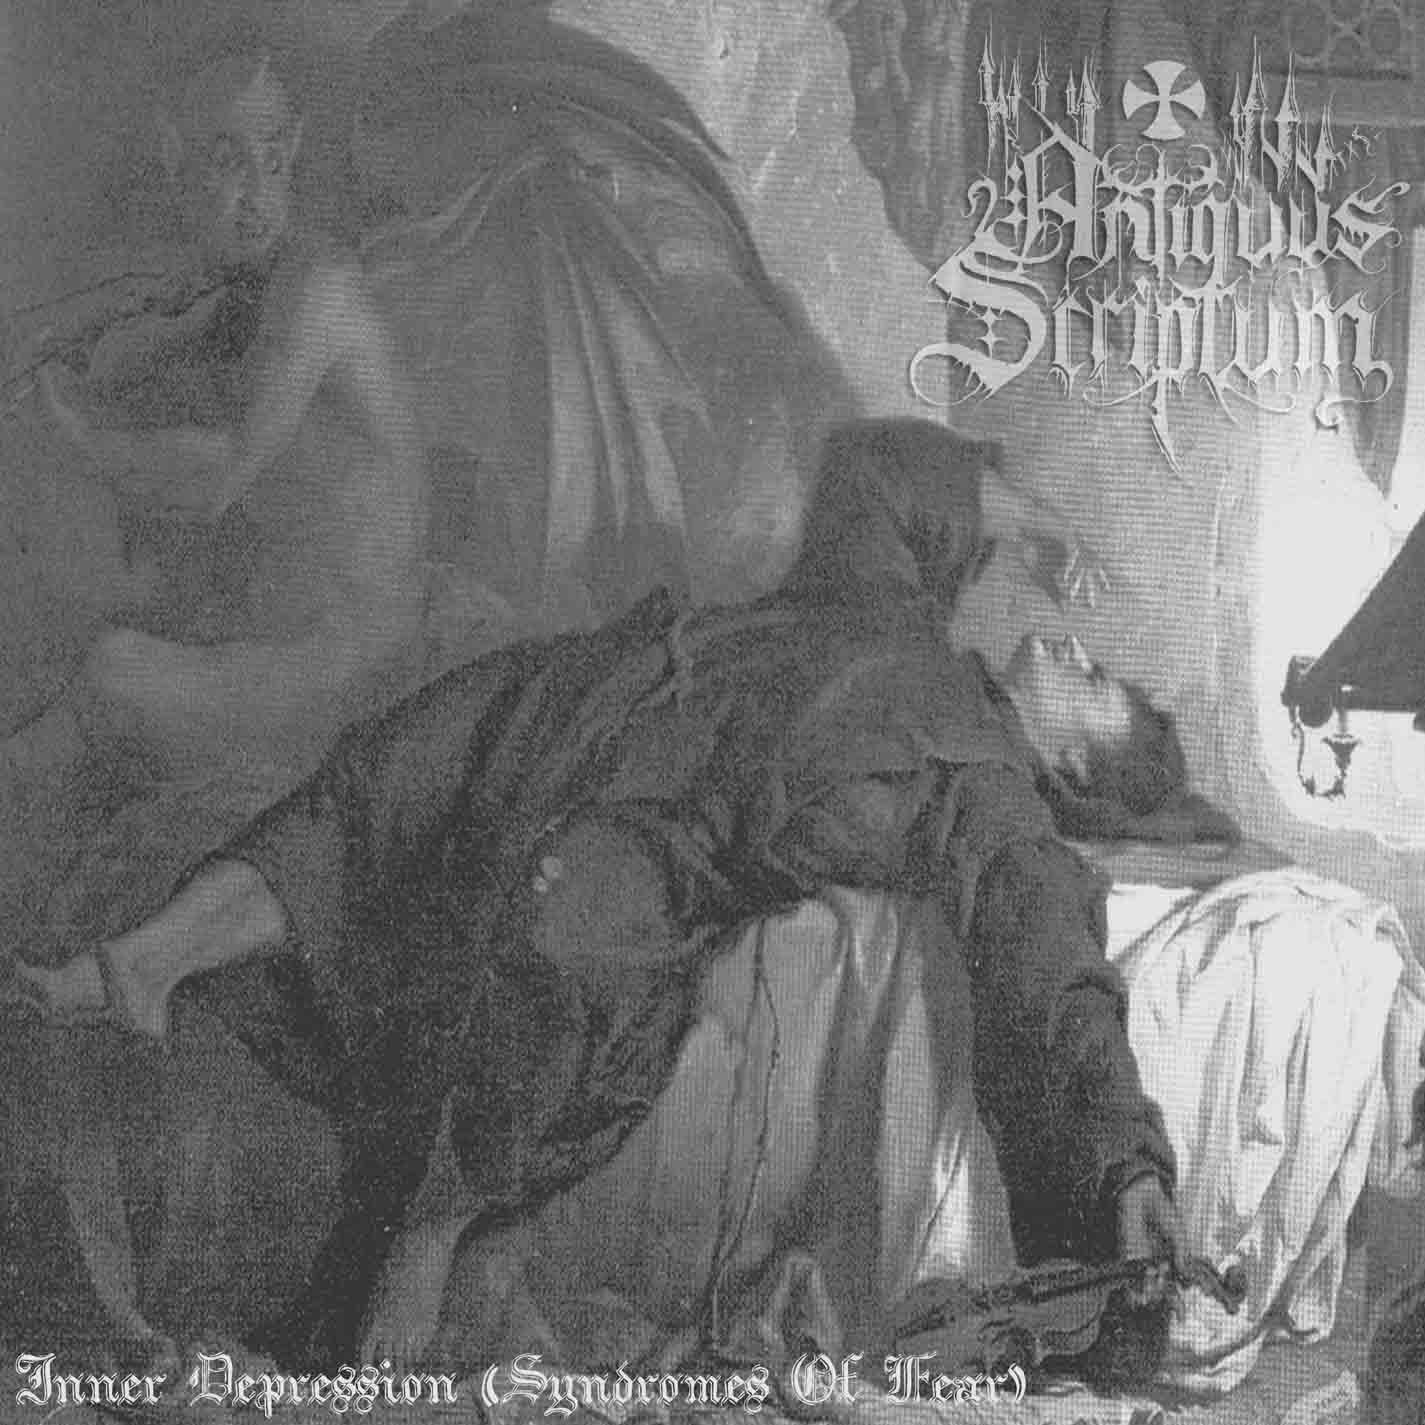 Antiquus Scriptum - Inner Depression (Syndromes of Fear)